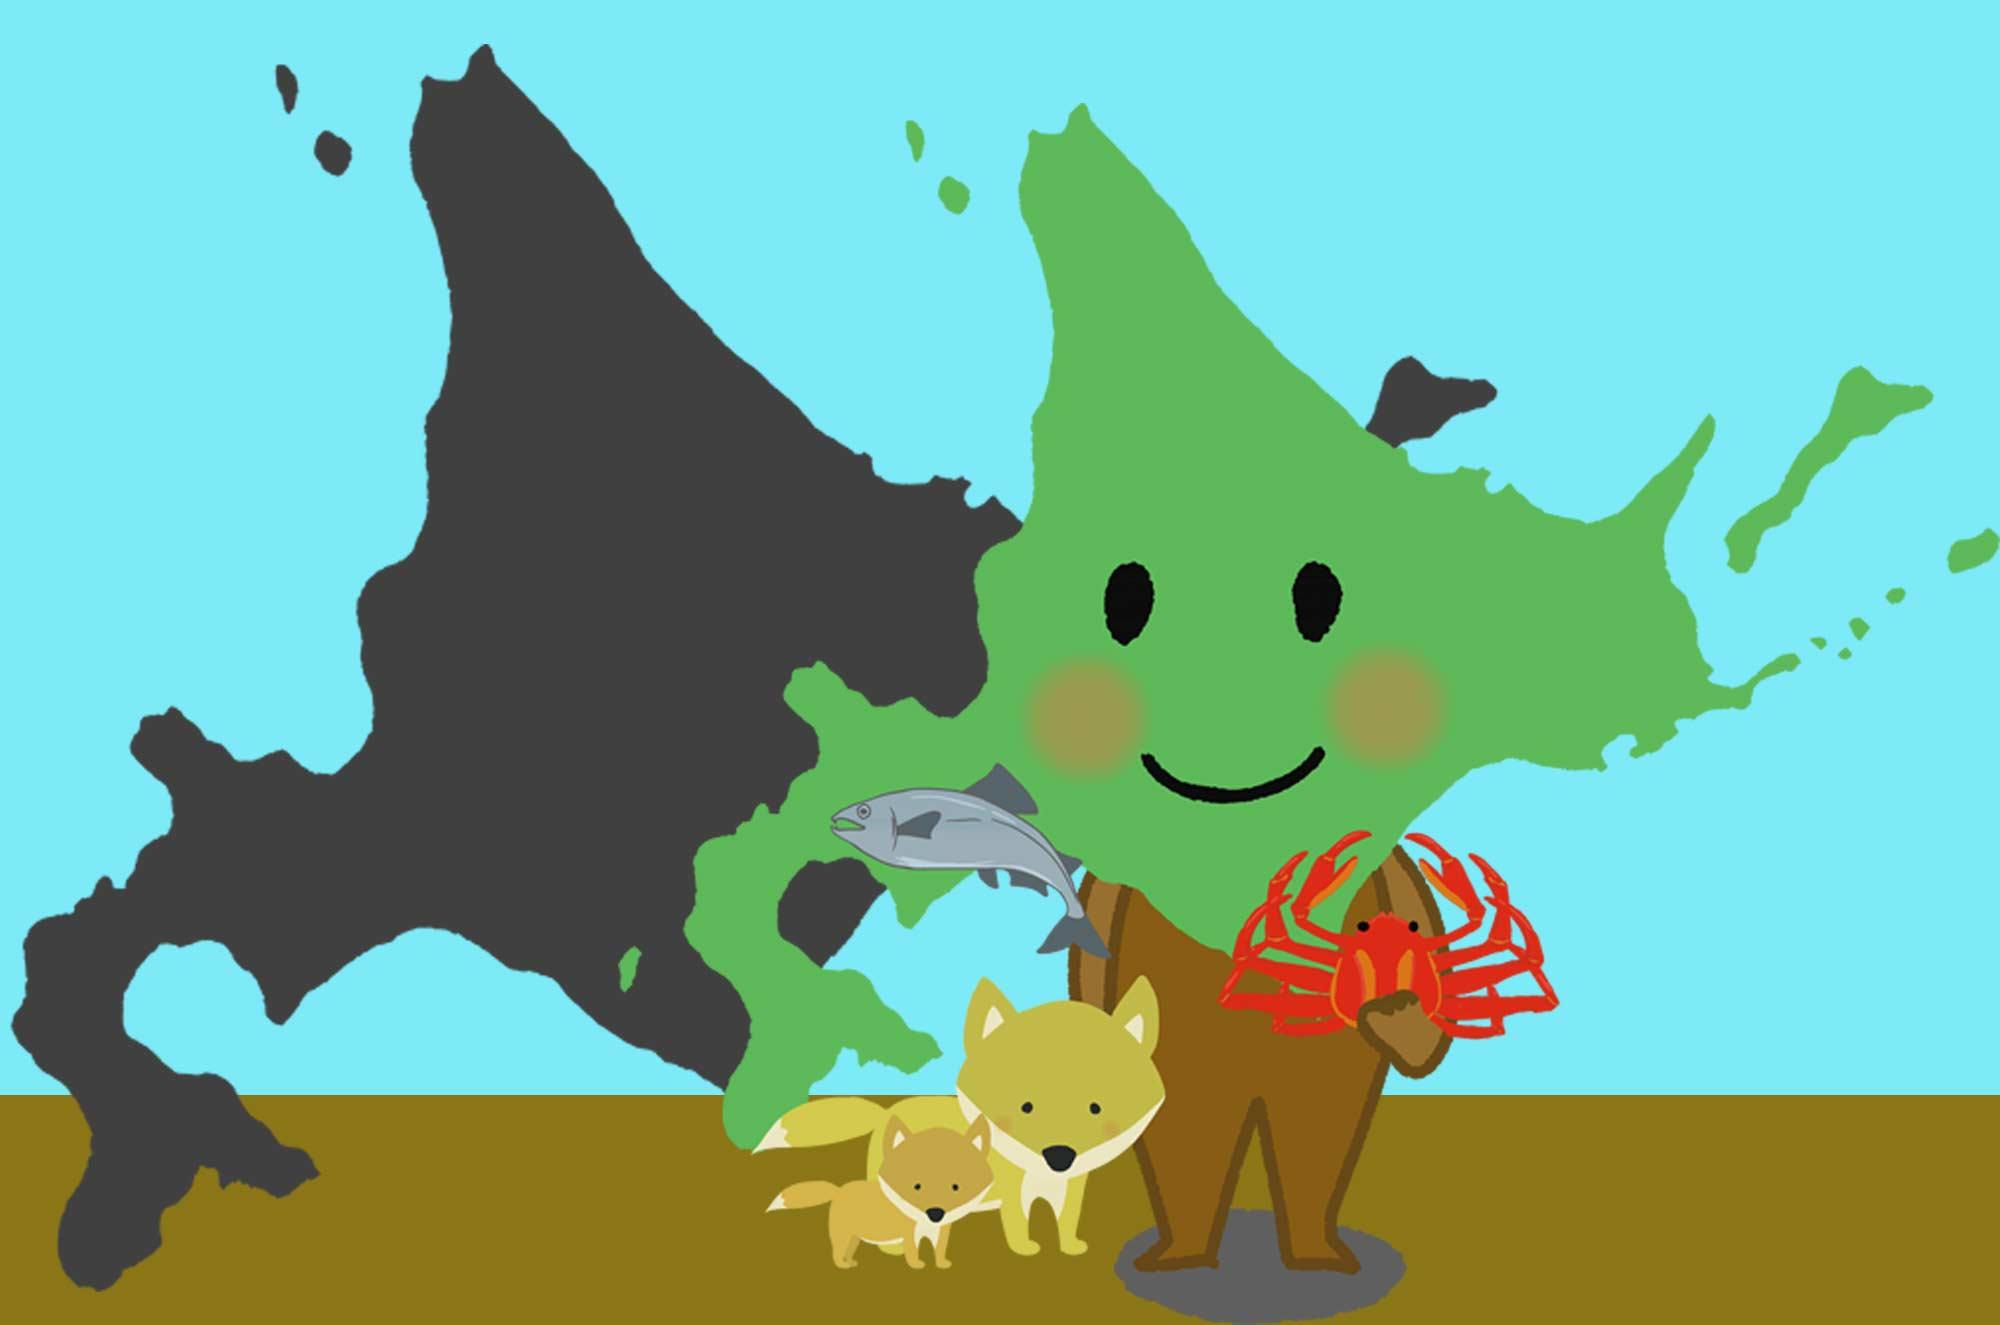 北海道のイラスト - 可愛いキャラクターと大陸無料素材 - チコデザ